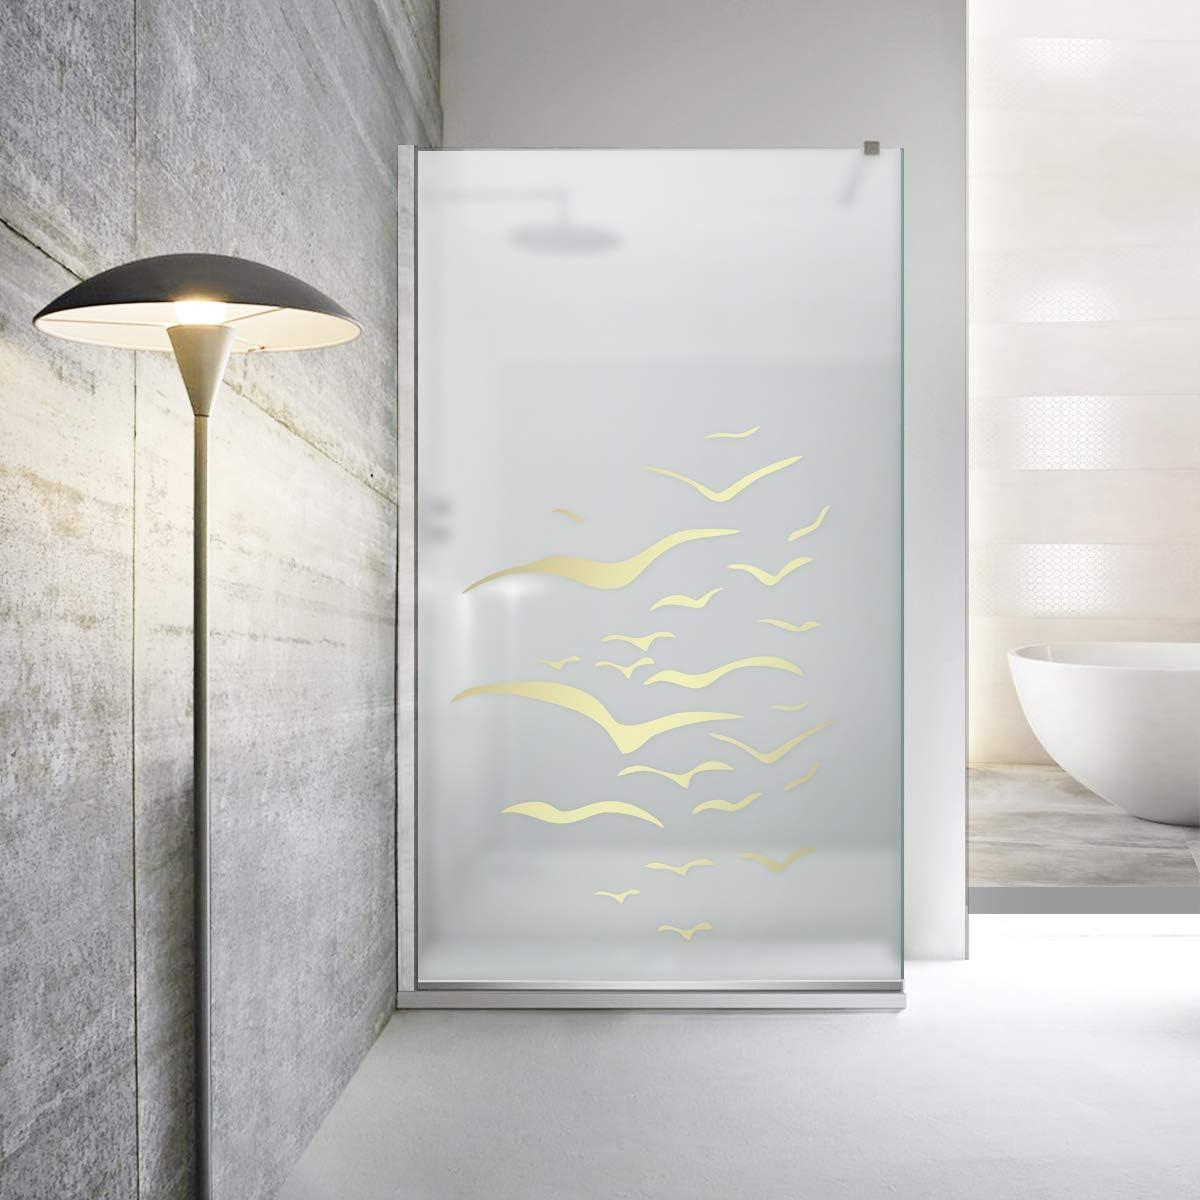 Modern Leroy Timeless - Mampara de ducha (8 mm, cristal templado de seguridad, nano, acero inoxidable SS304), dorado: Amazon.es: Bricolaje y herramientas